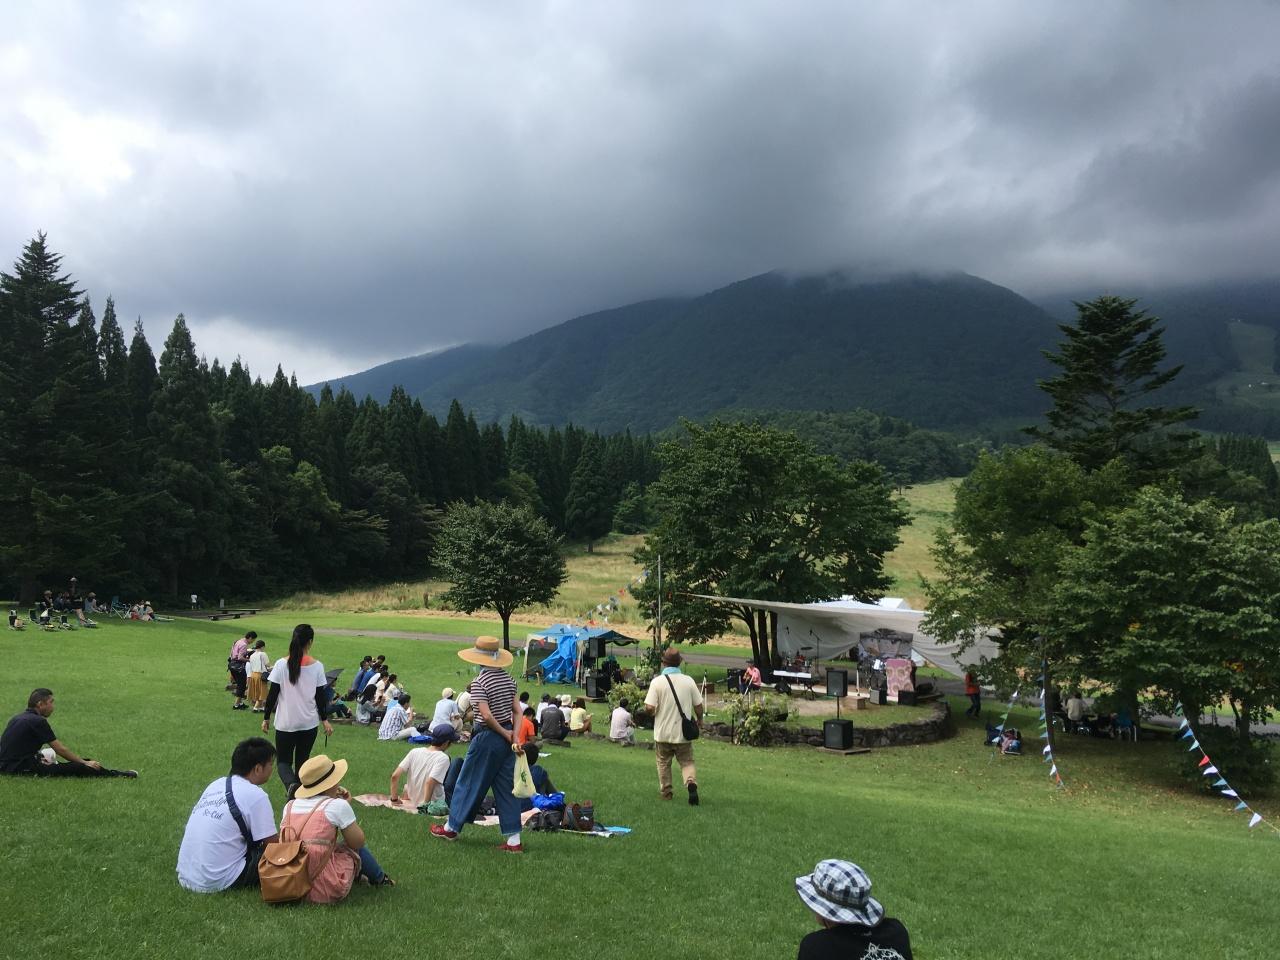 シナノフェス — ShinanoFest